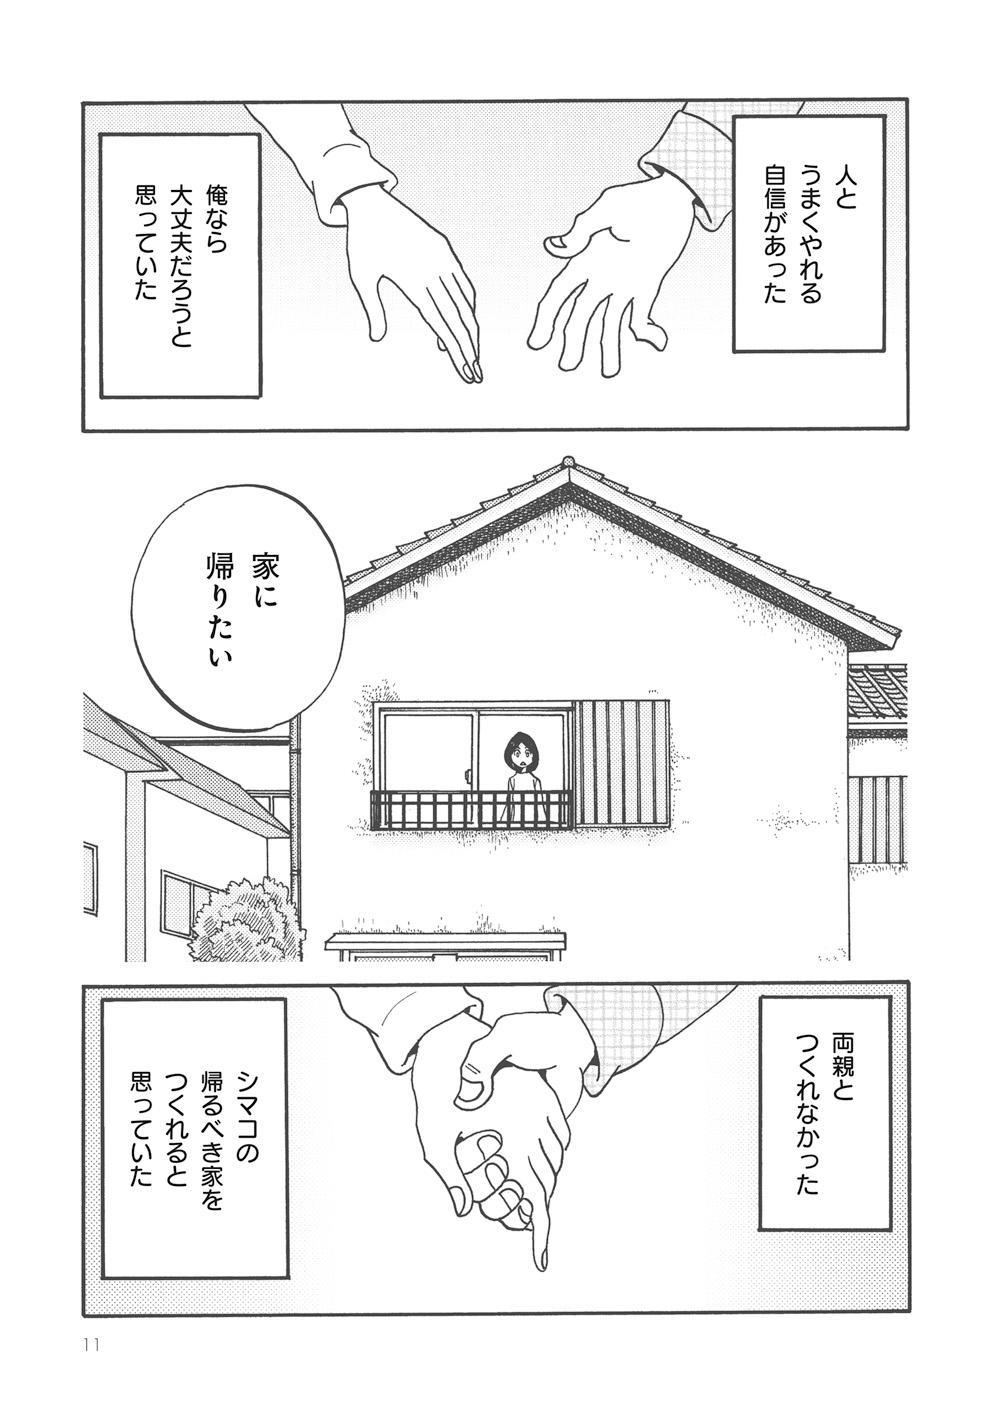 縁距離な夫婦_011.jpg